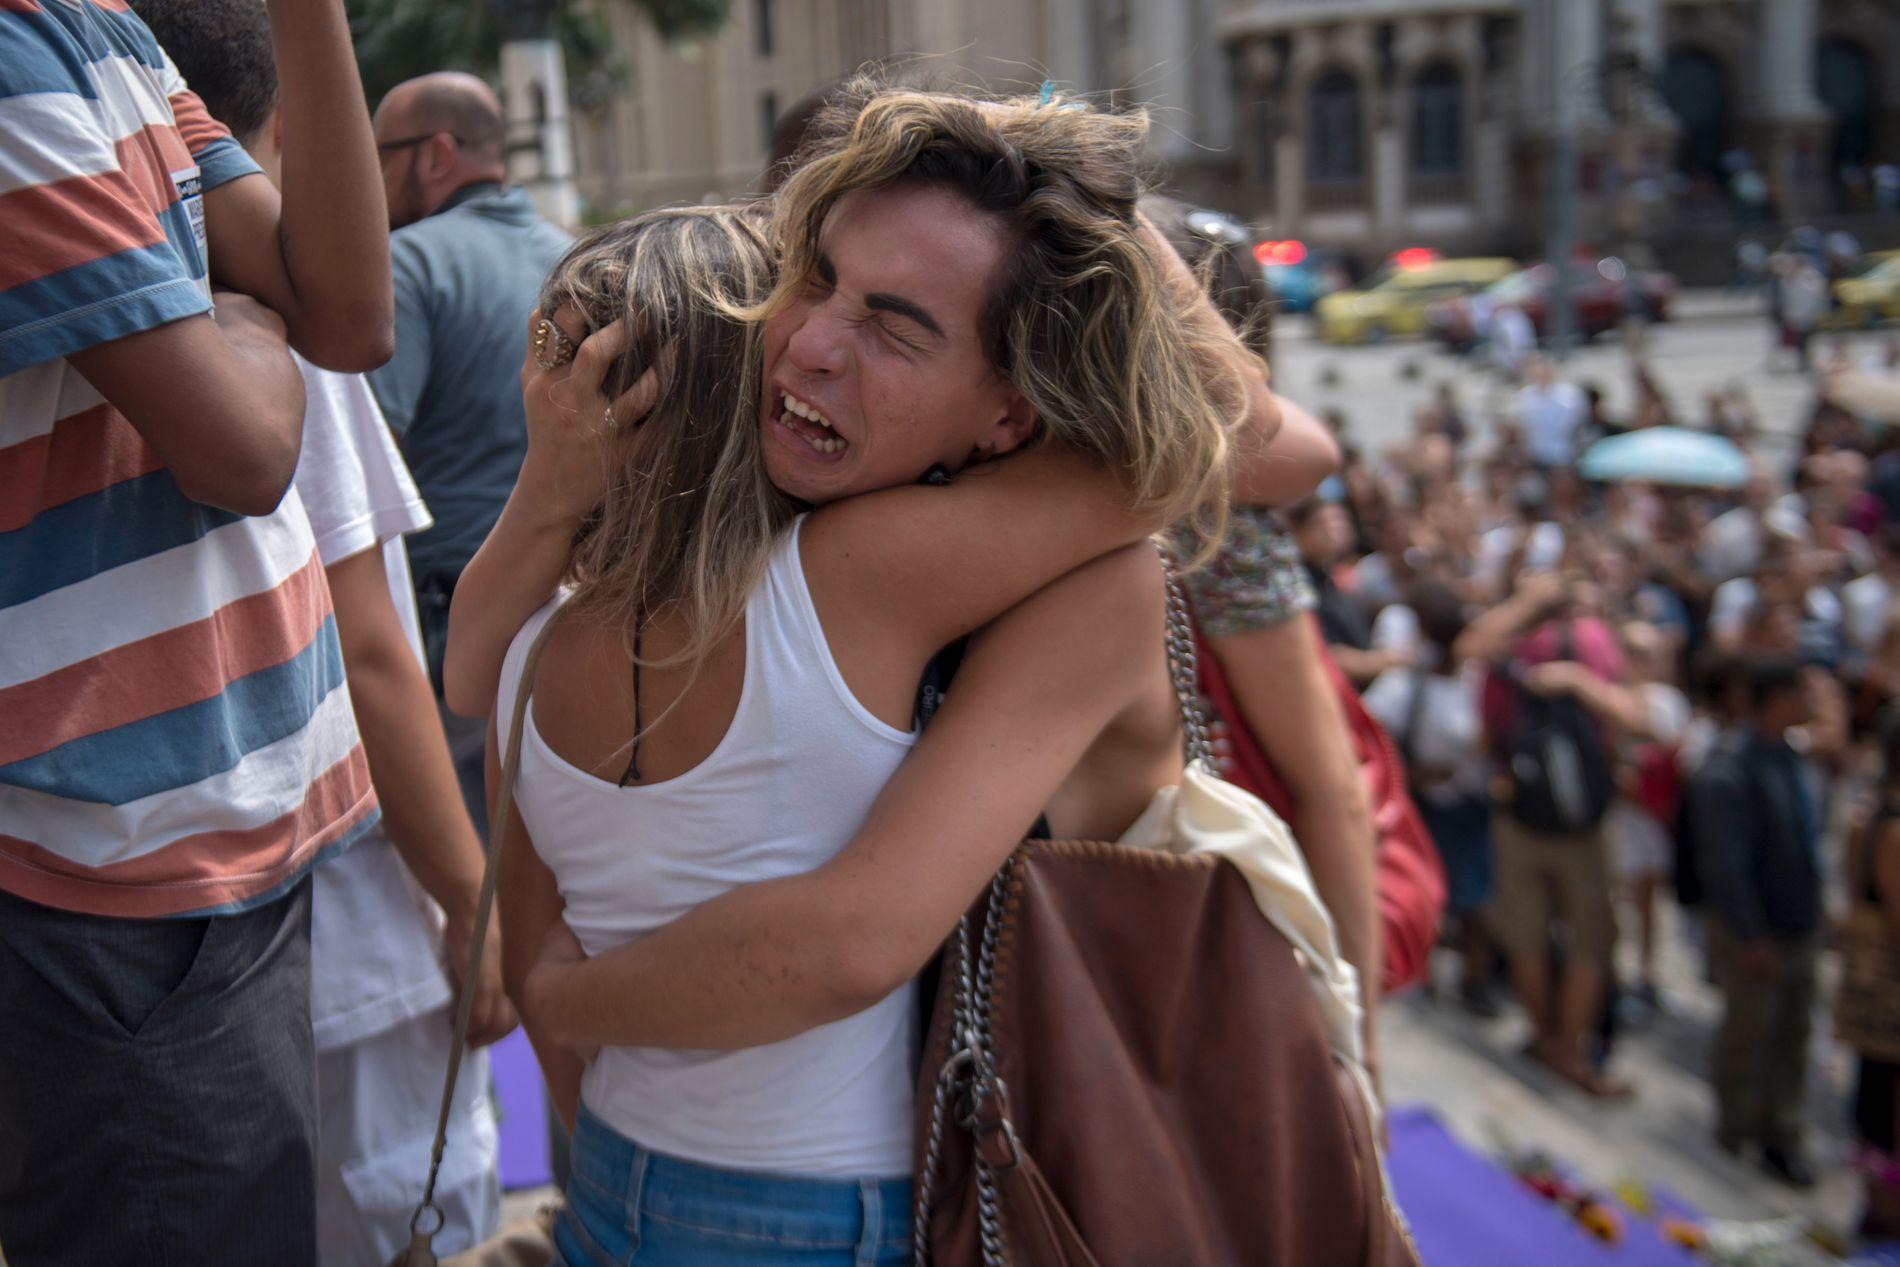 STERKE FØLELSER: Det brutale drapet på feministen Marielle Franco satte i gang sterke følelser i Brasil i mars 2018.